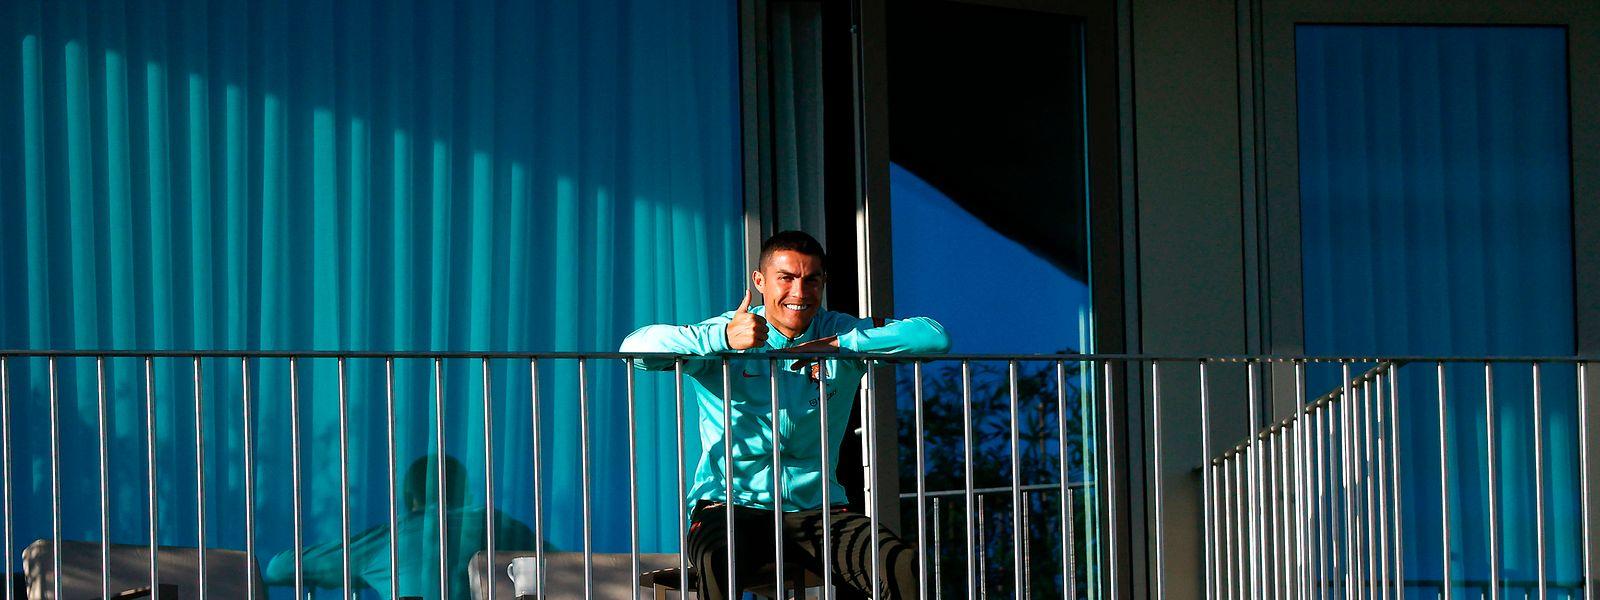 Cristiano Ronaldo à varanda na Cidade do Futebol, em Oeiras, onde se encontra em isolamento.